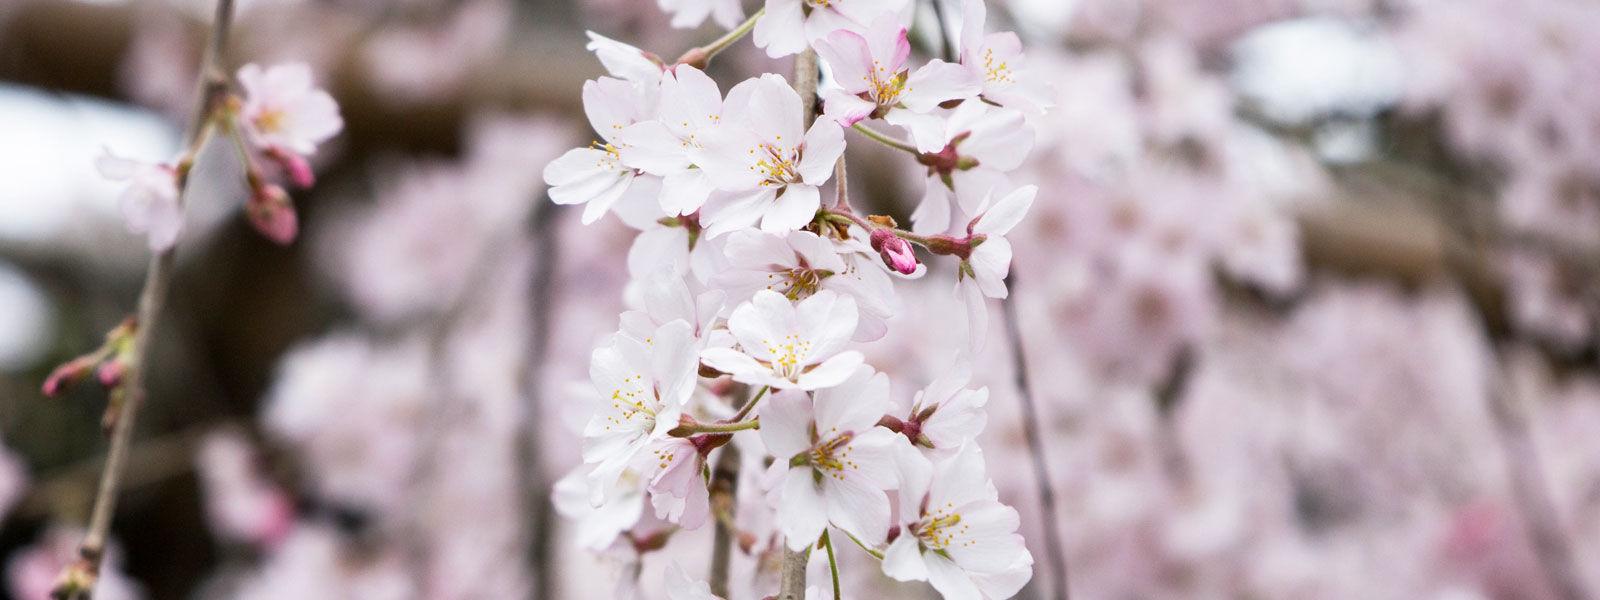 千手院しだれ桜